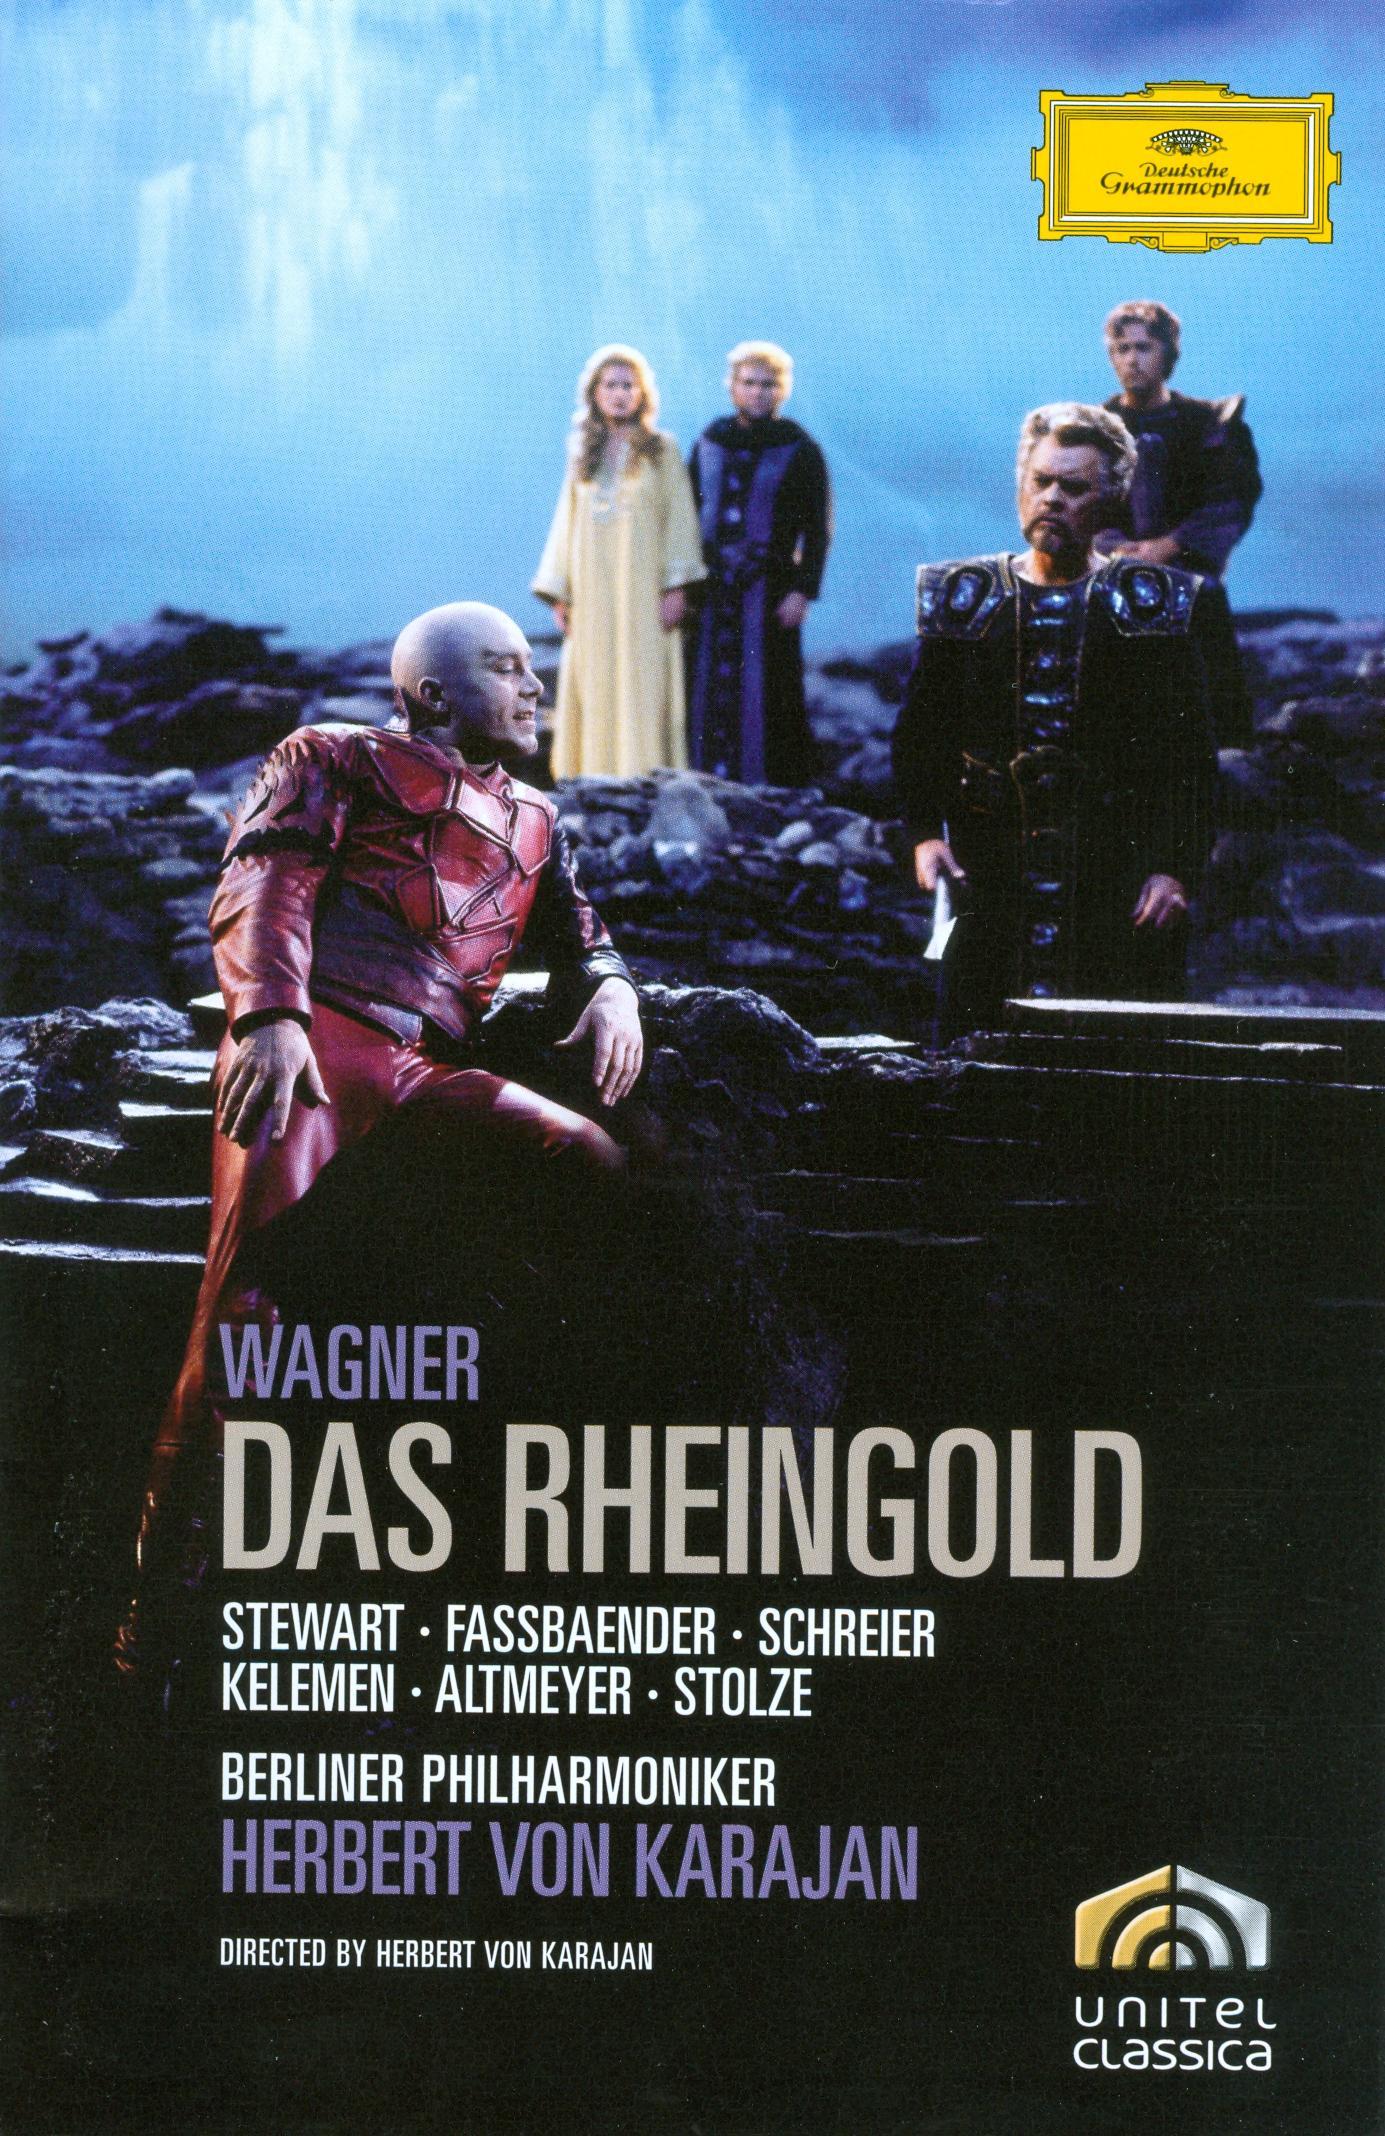 Das Rheingold (Berliner Philharmoniker)